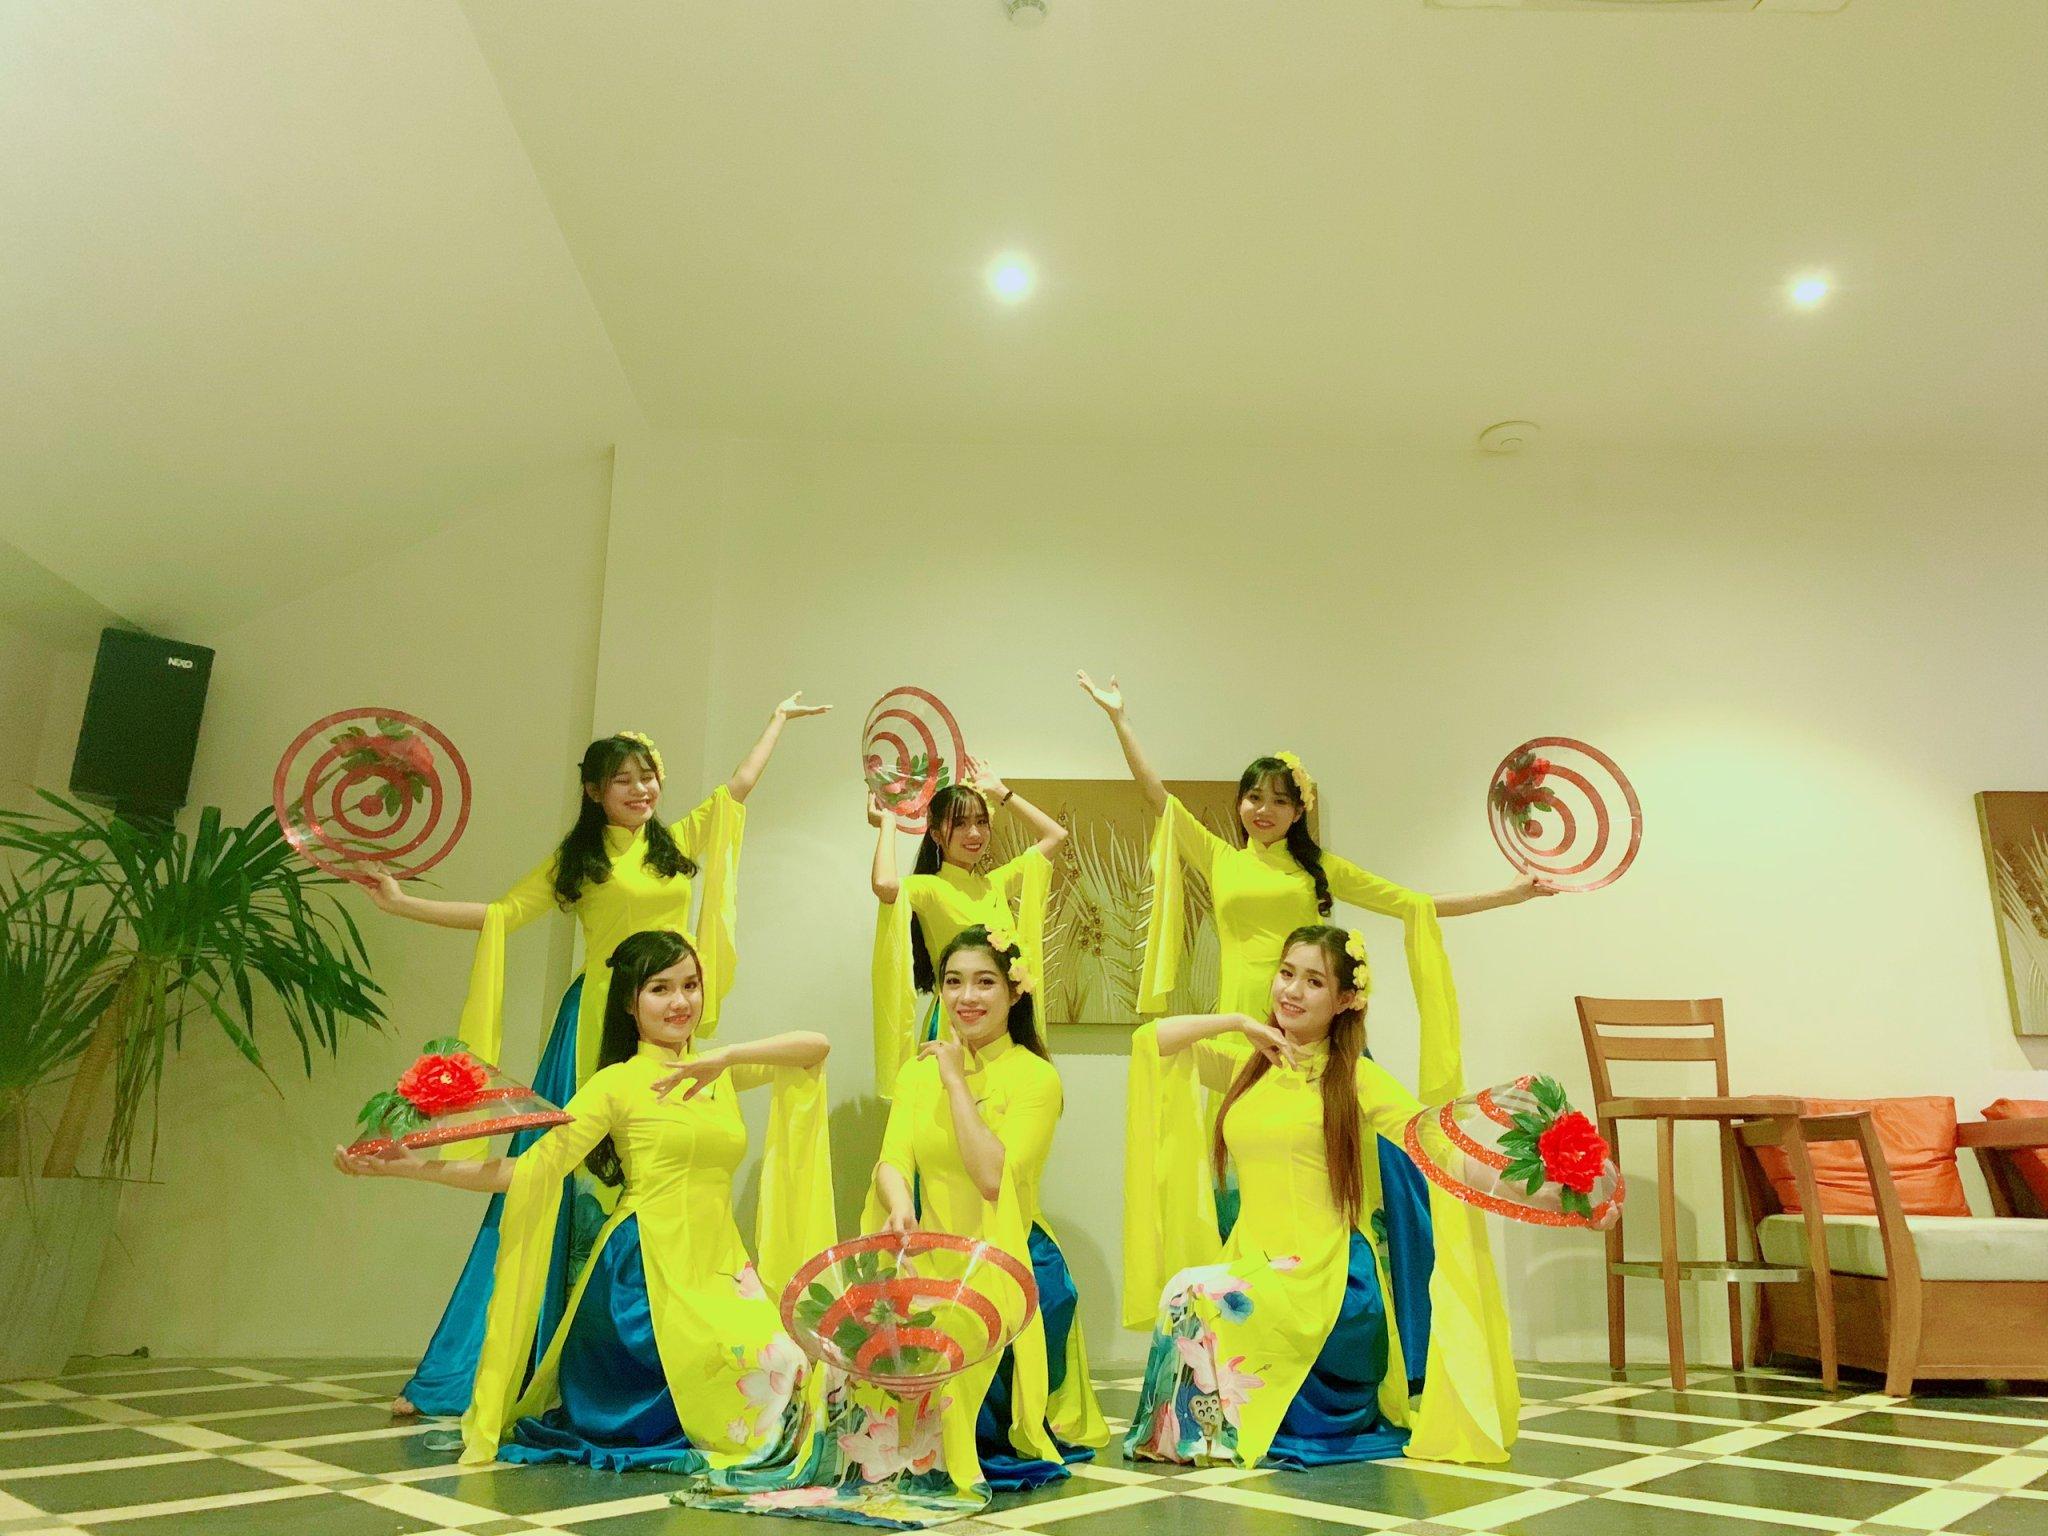 Cung cấp nhóm múa và vũ đoàn tại Quy Nhơn .Hotline :0944.107.174